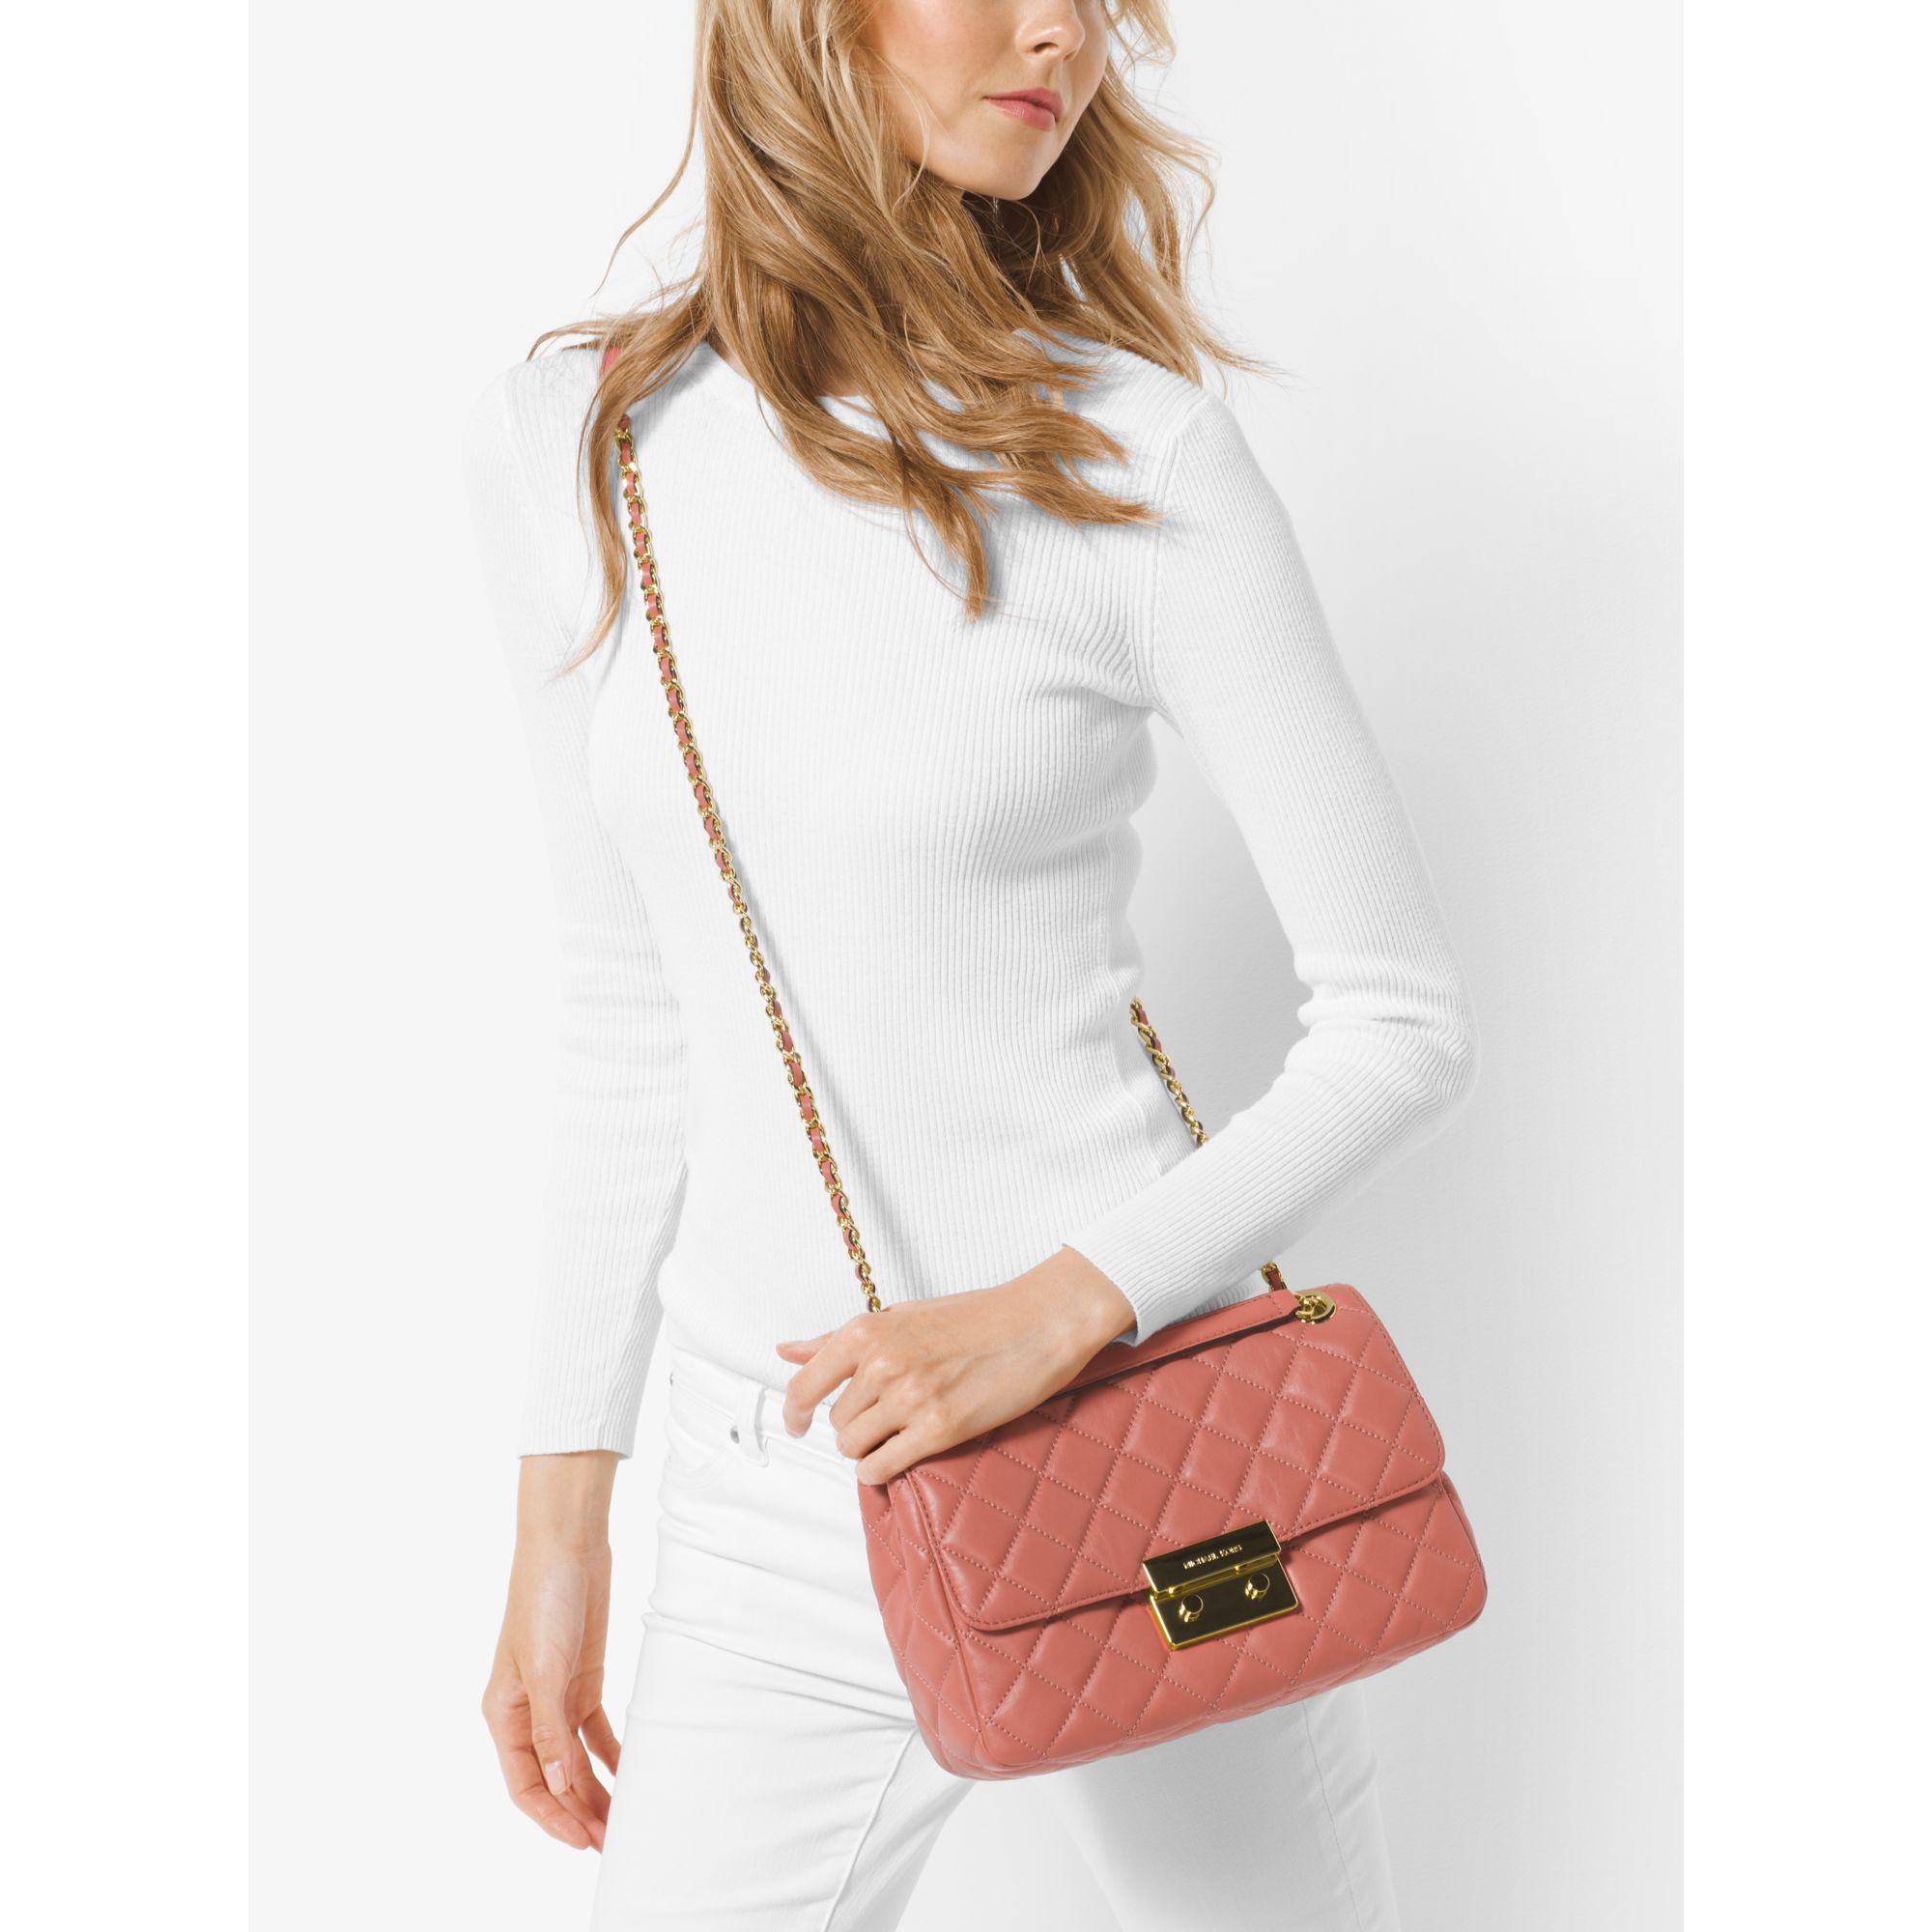 4844e3628fe5 Michael Kors Sloan Extra Large Quilted Shoulder Bag Black - Best ...